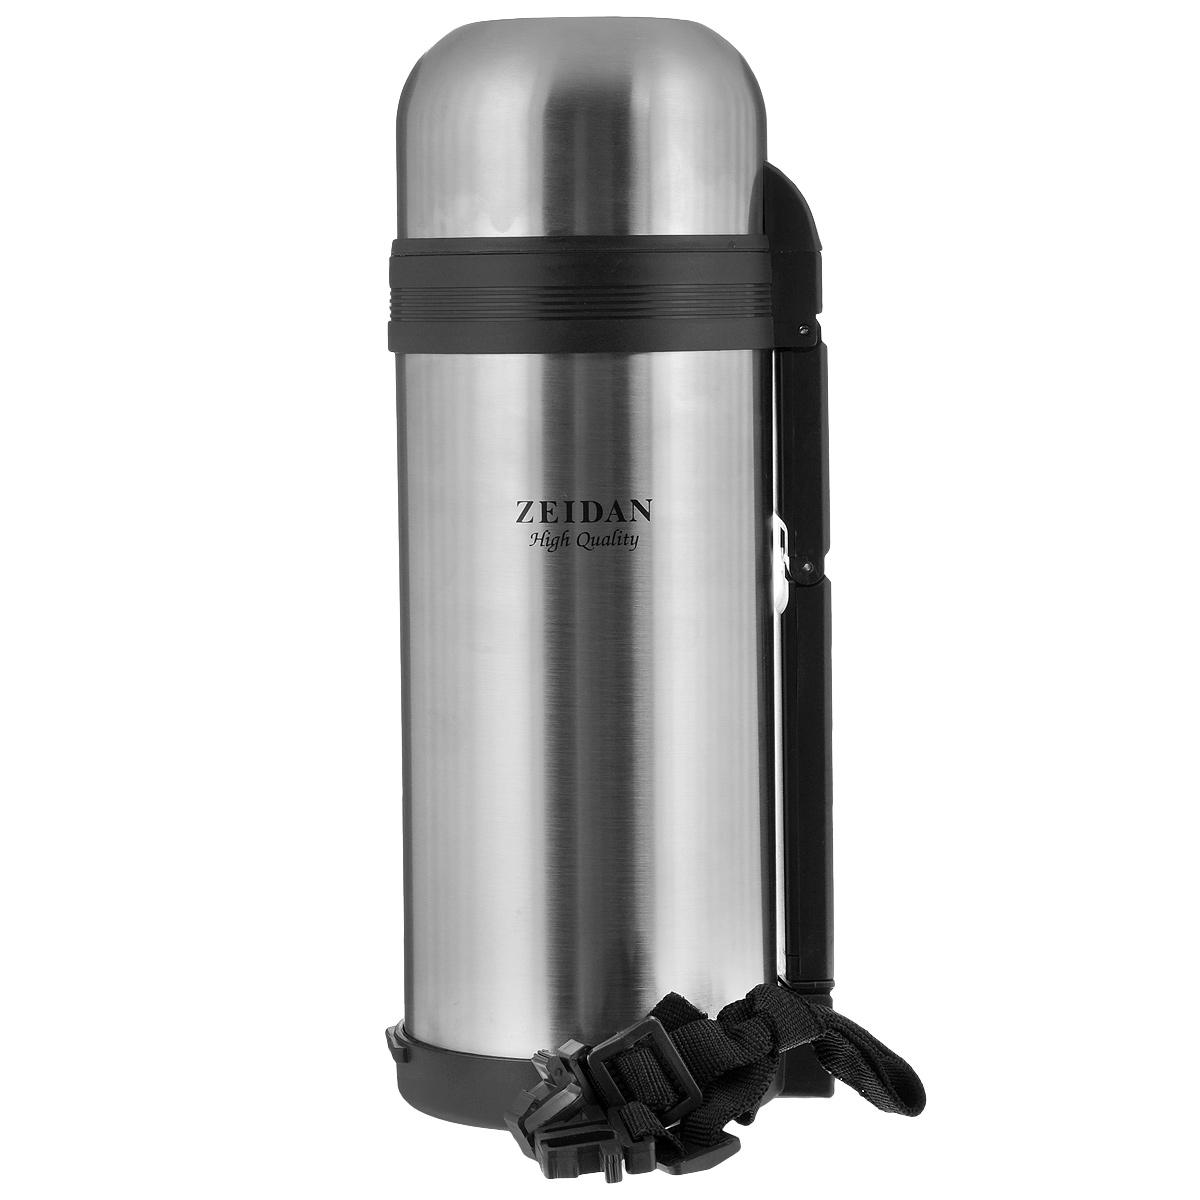 Термос Zeidan Sean, 1,5 лZ-9015 SeanТермос с универсальным горлом Zeidan Sean, изготовленный из высококачественной нержавеющей стали и пластика, является простым в использовании, экономичным и многофункциональным. Термос с вакуумной изоляцией предназначен для хранения горячих и холодных напитков (чая, кофе). Изделие укомплектовано пробкой с кнопкой, дополнительной пластиковой чашей и удобной складной ручкой для переноски. Пробка удобна в использовании и позволяет, не отвинчивая ее, наливать напитки после простого нажатия кнопки. Изделие также оснащено крышкой-чашкой. Легкий и прочный термос Zeidan Sean сохранит ваши напитки горячими или холодными надолго. Высота (с учетом крышки): 29 см. Диаметр горлышка: 7,5 см. Диаметр основания: 10,5 см.